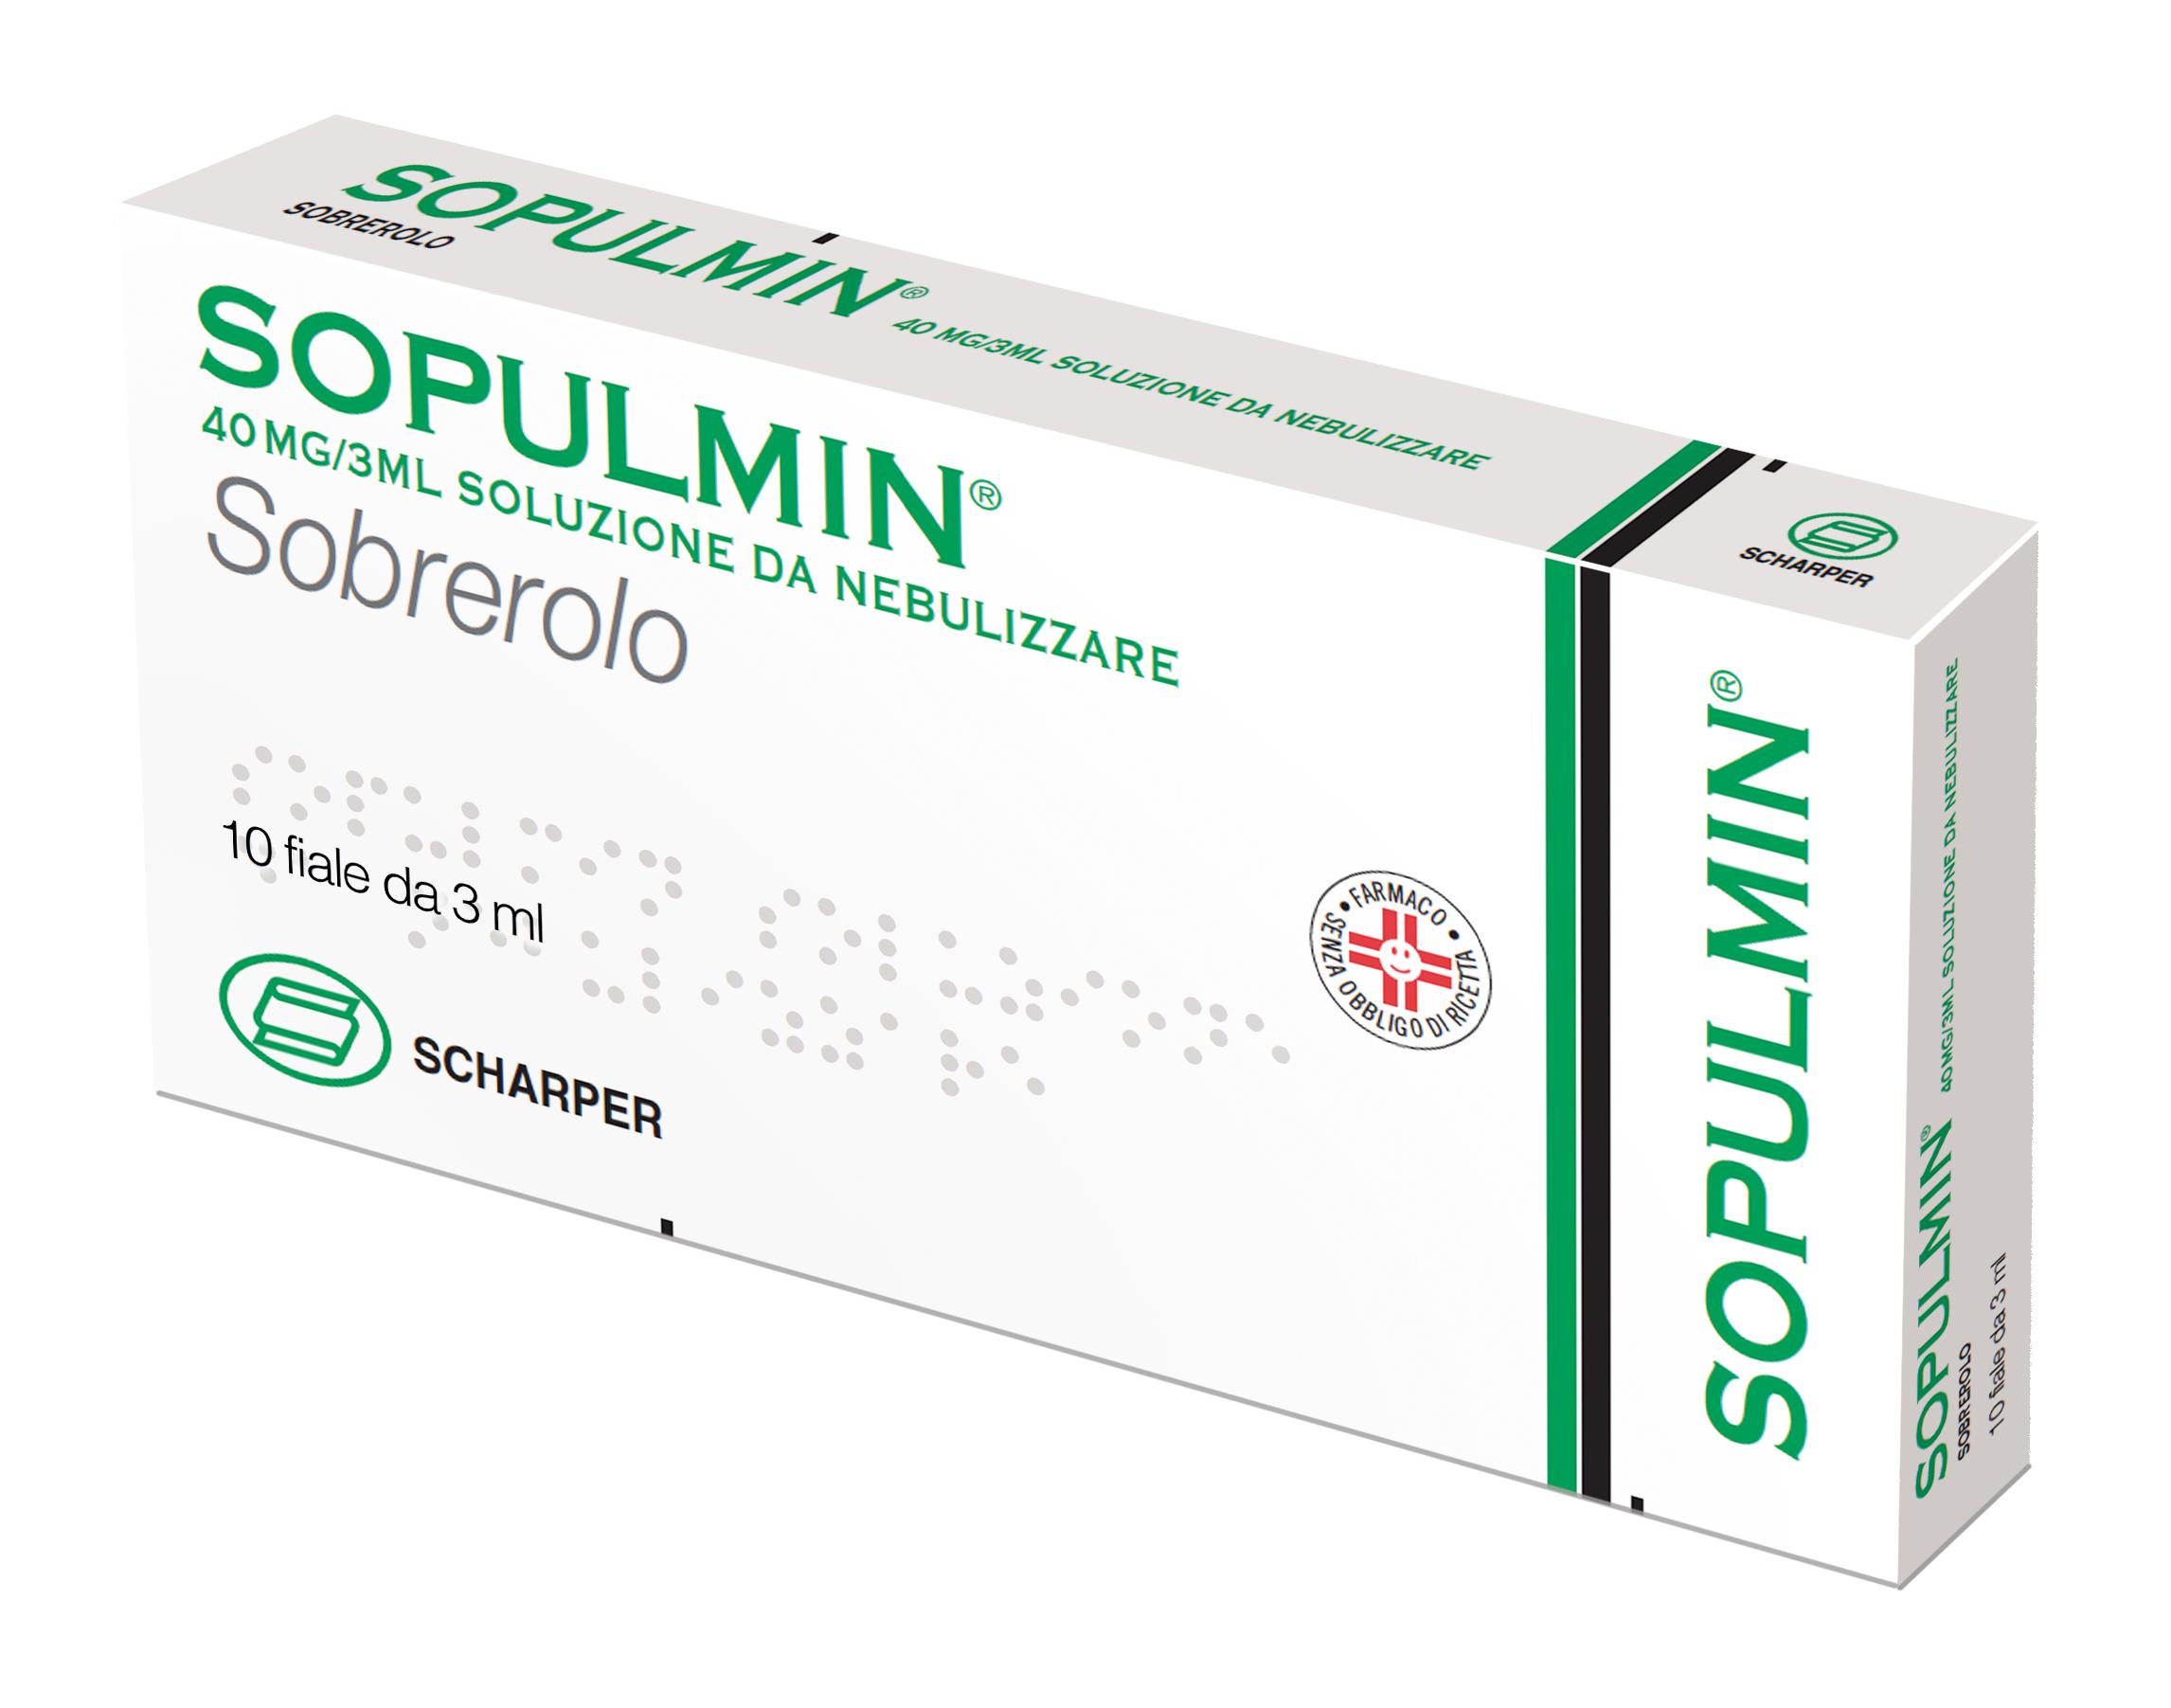 Sopulmin 40 Mg/3 Ml Soluzione Da Nebulizzare 10 Fiale 3 Ml